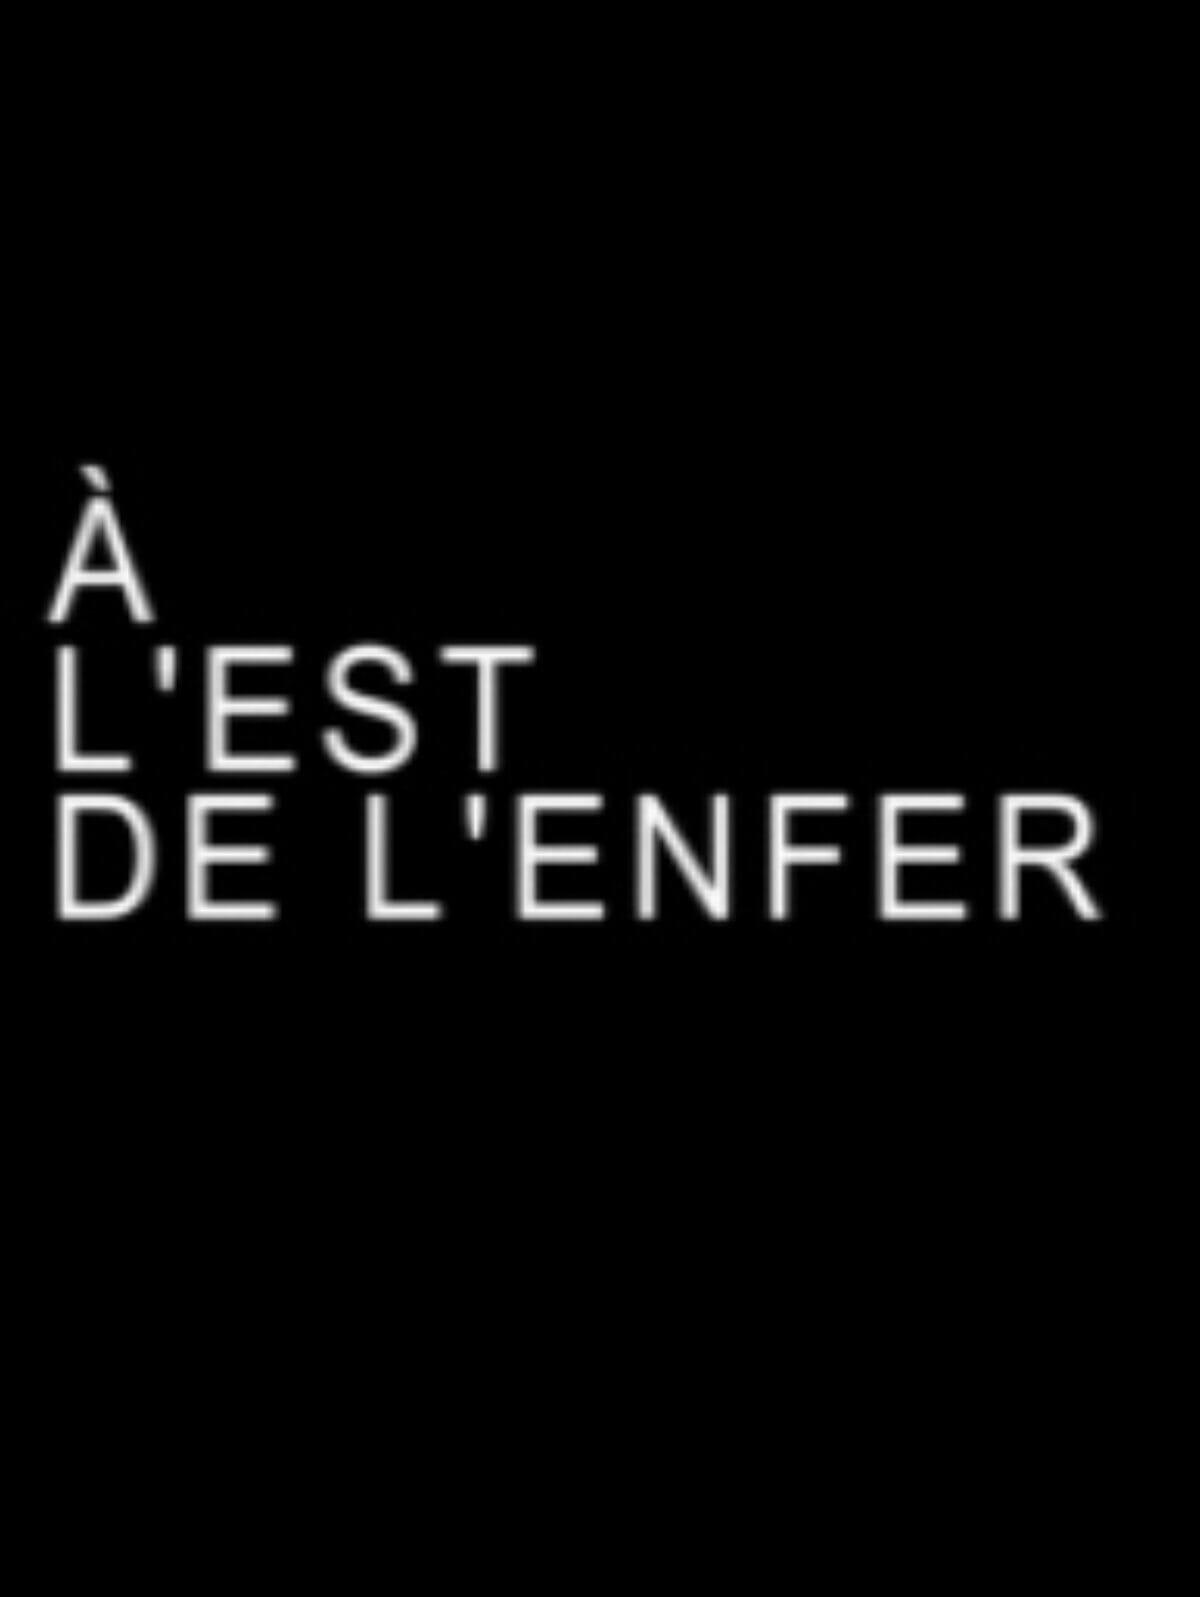 A-l-est-de-l-enfer-Documentaire